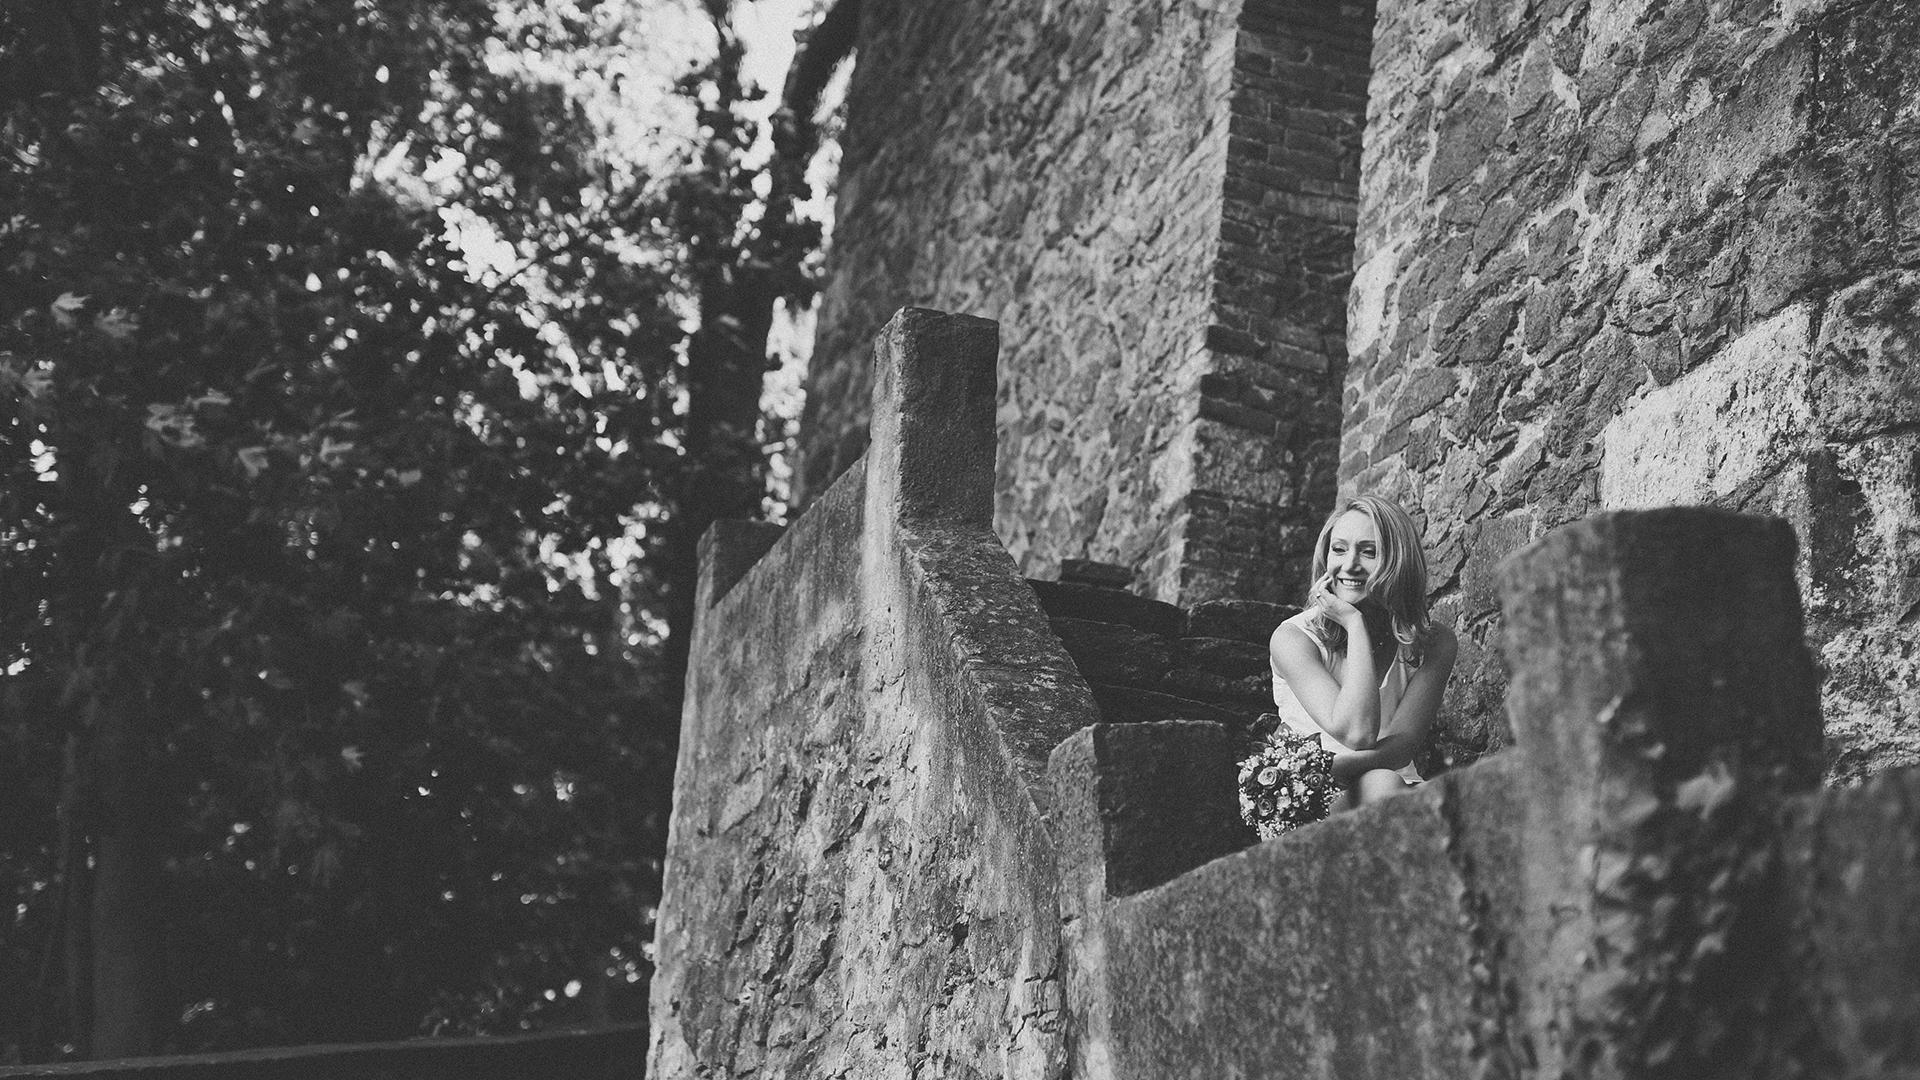 hochzeitsfotografie hochzeitsbilder hochzeitsfotos vintage boho chemnitz leipzig dresden sachsen